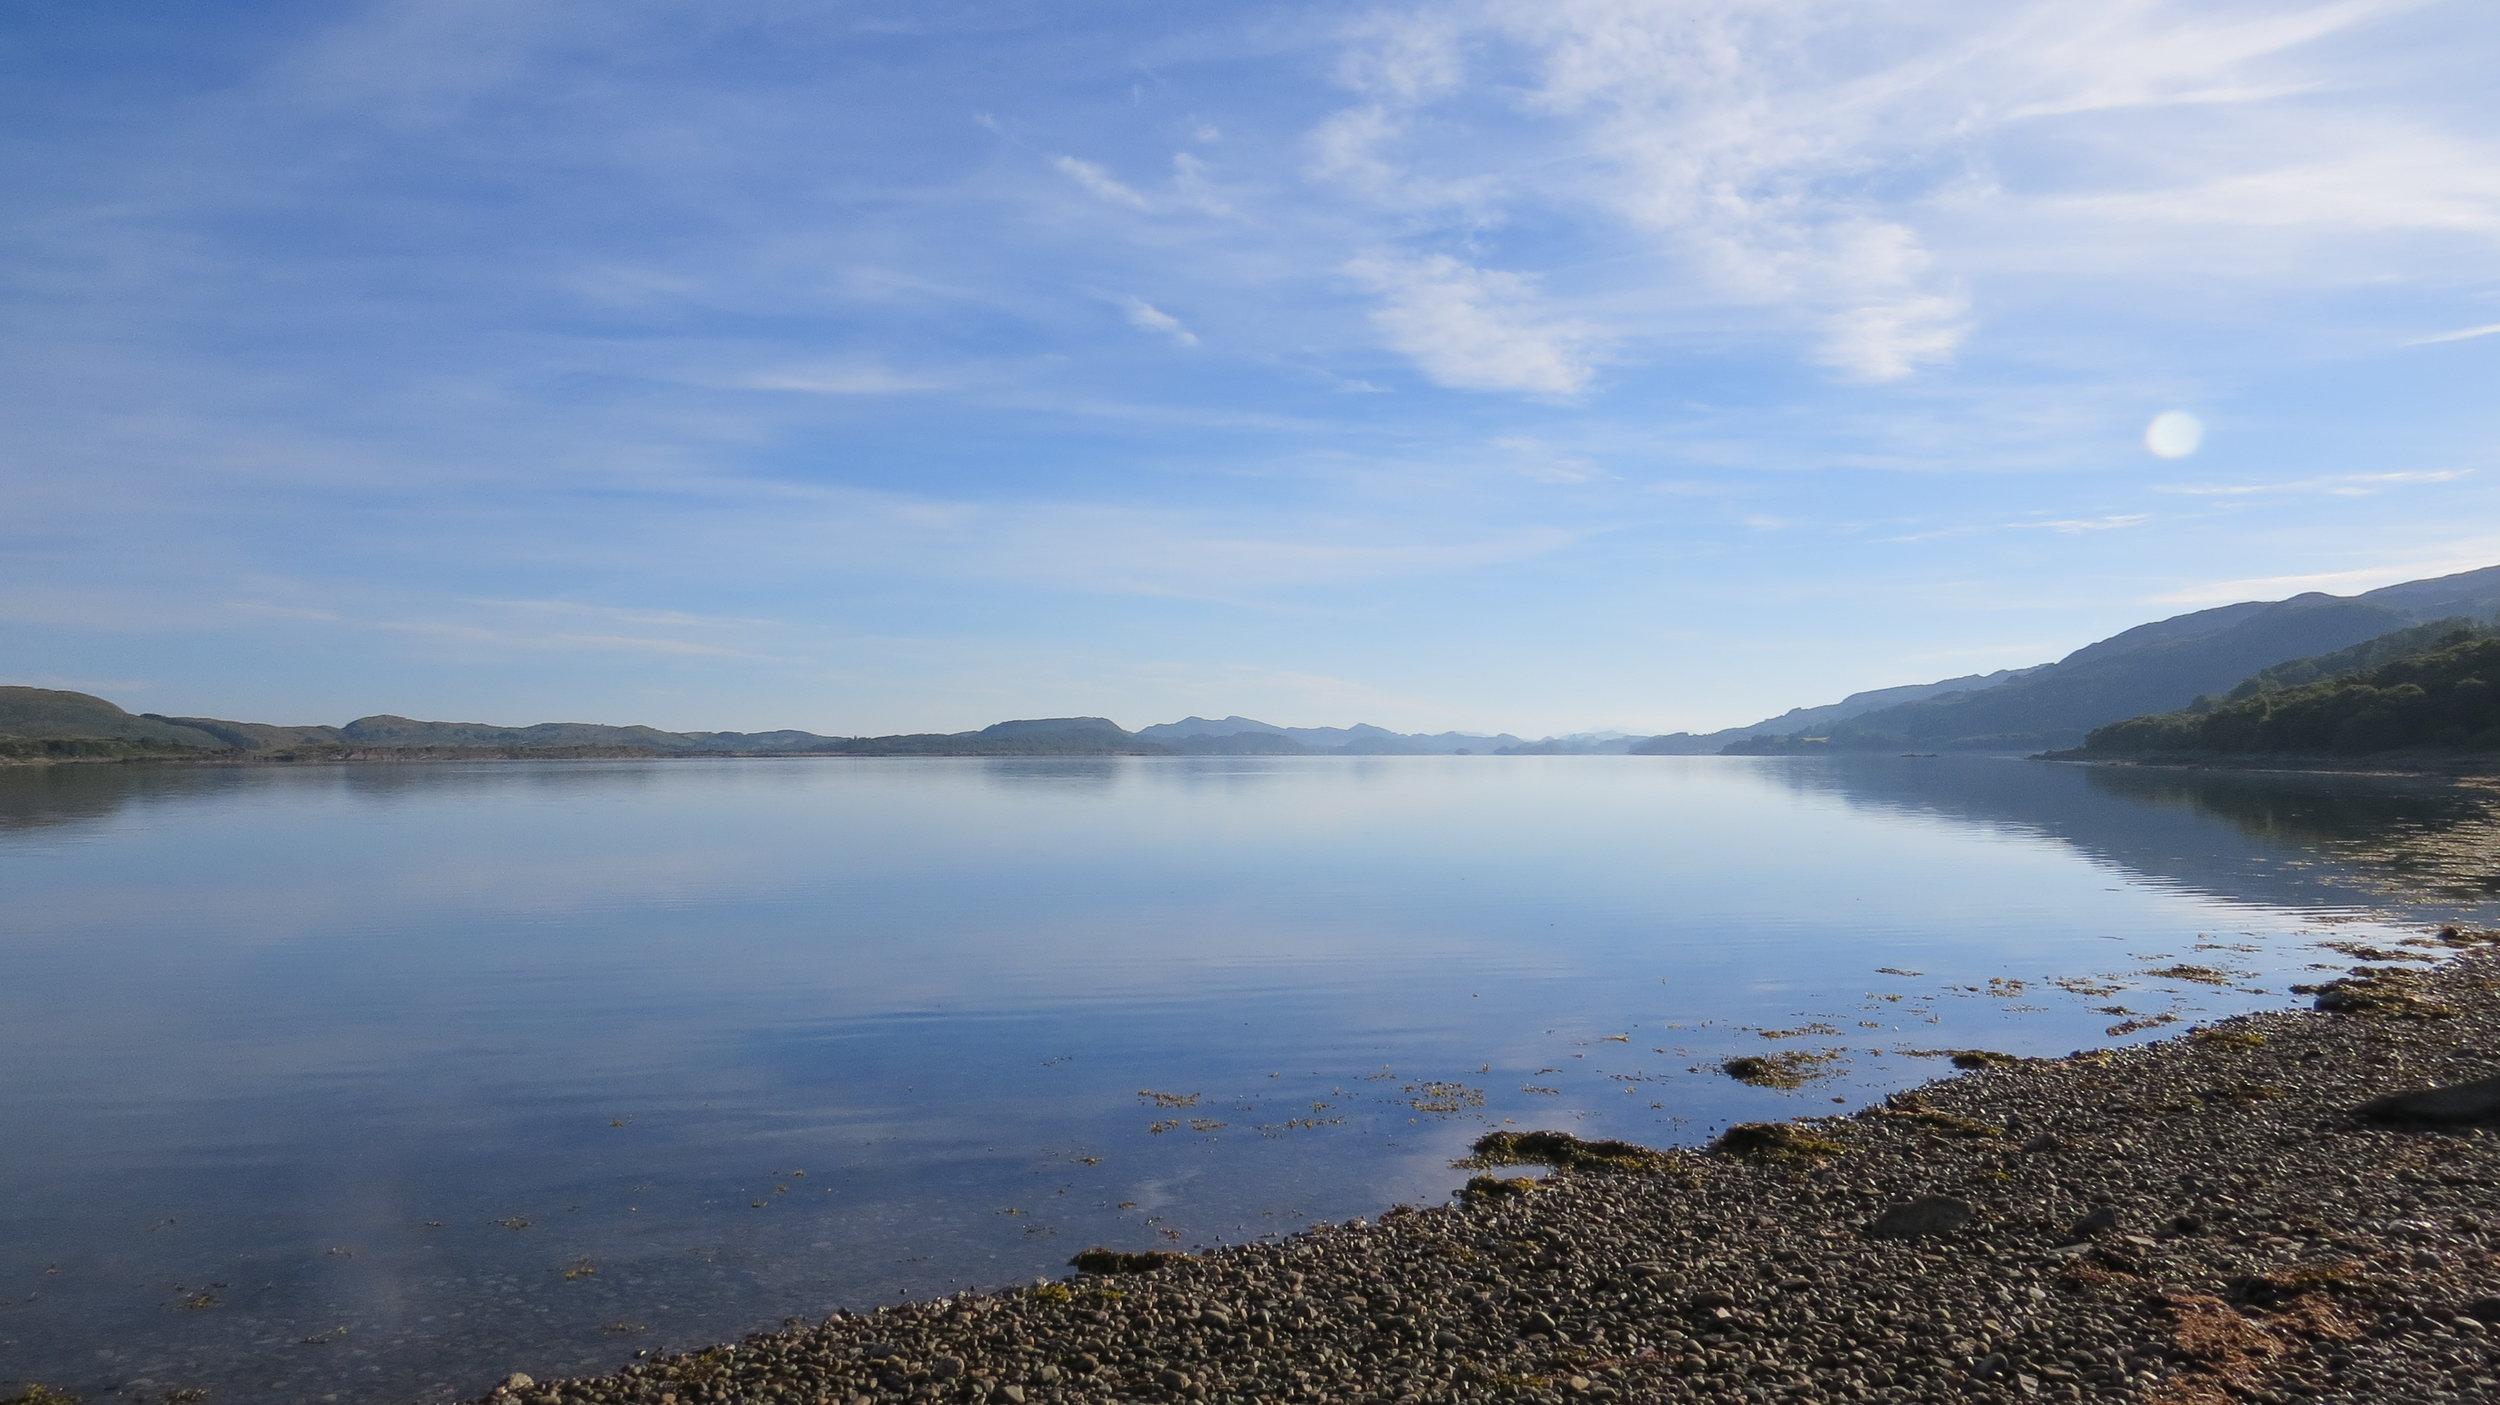 Loch Sween